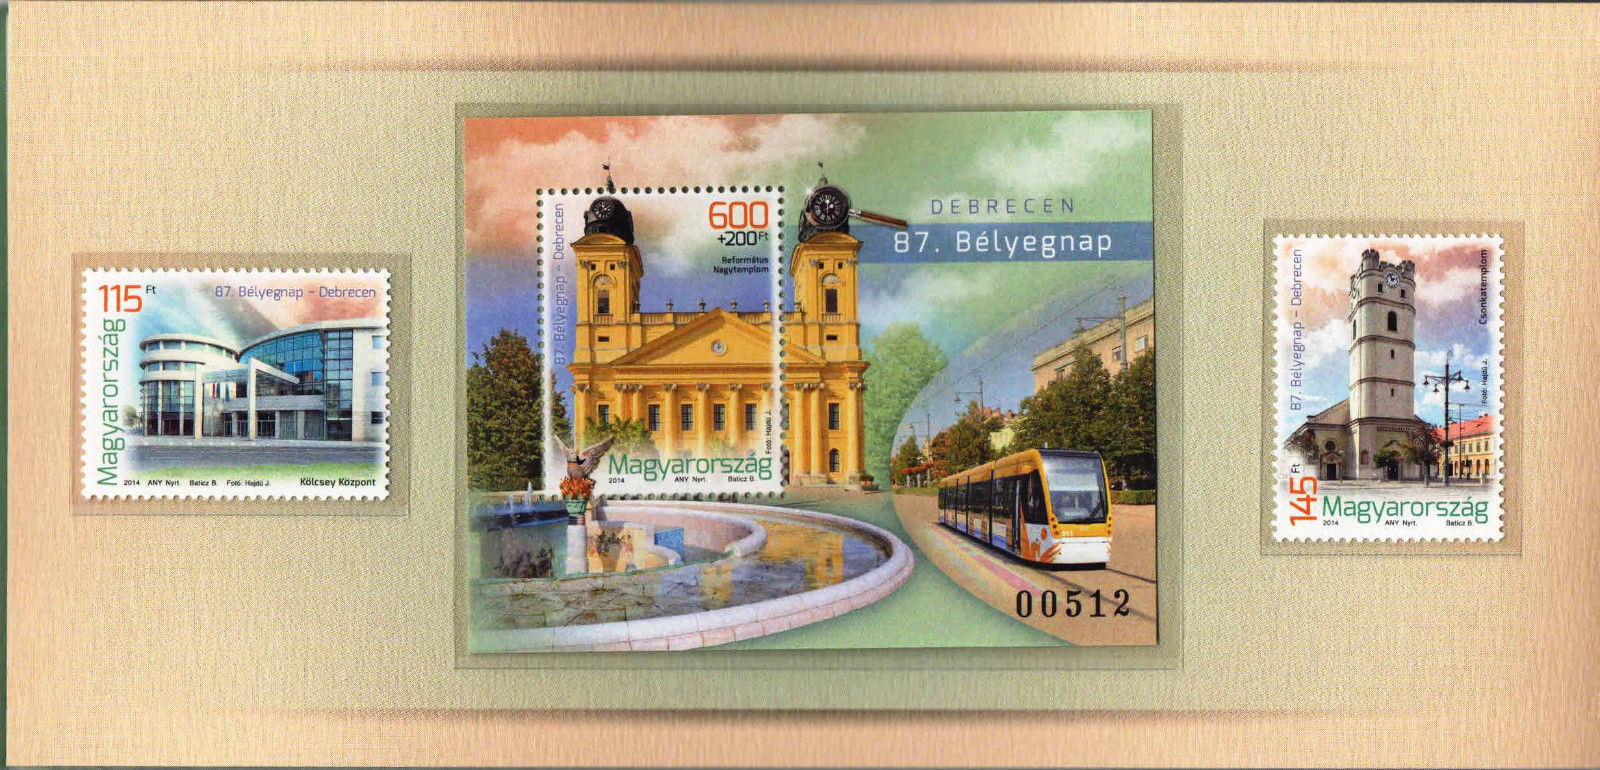 匈牙利 2014 德布勒森大教堂镶嵌水晶小型张 限量版邮折